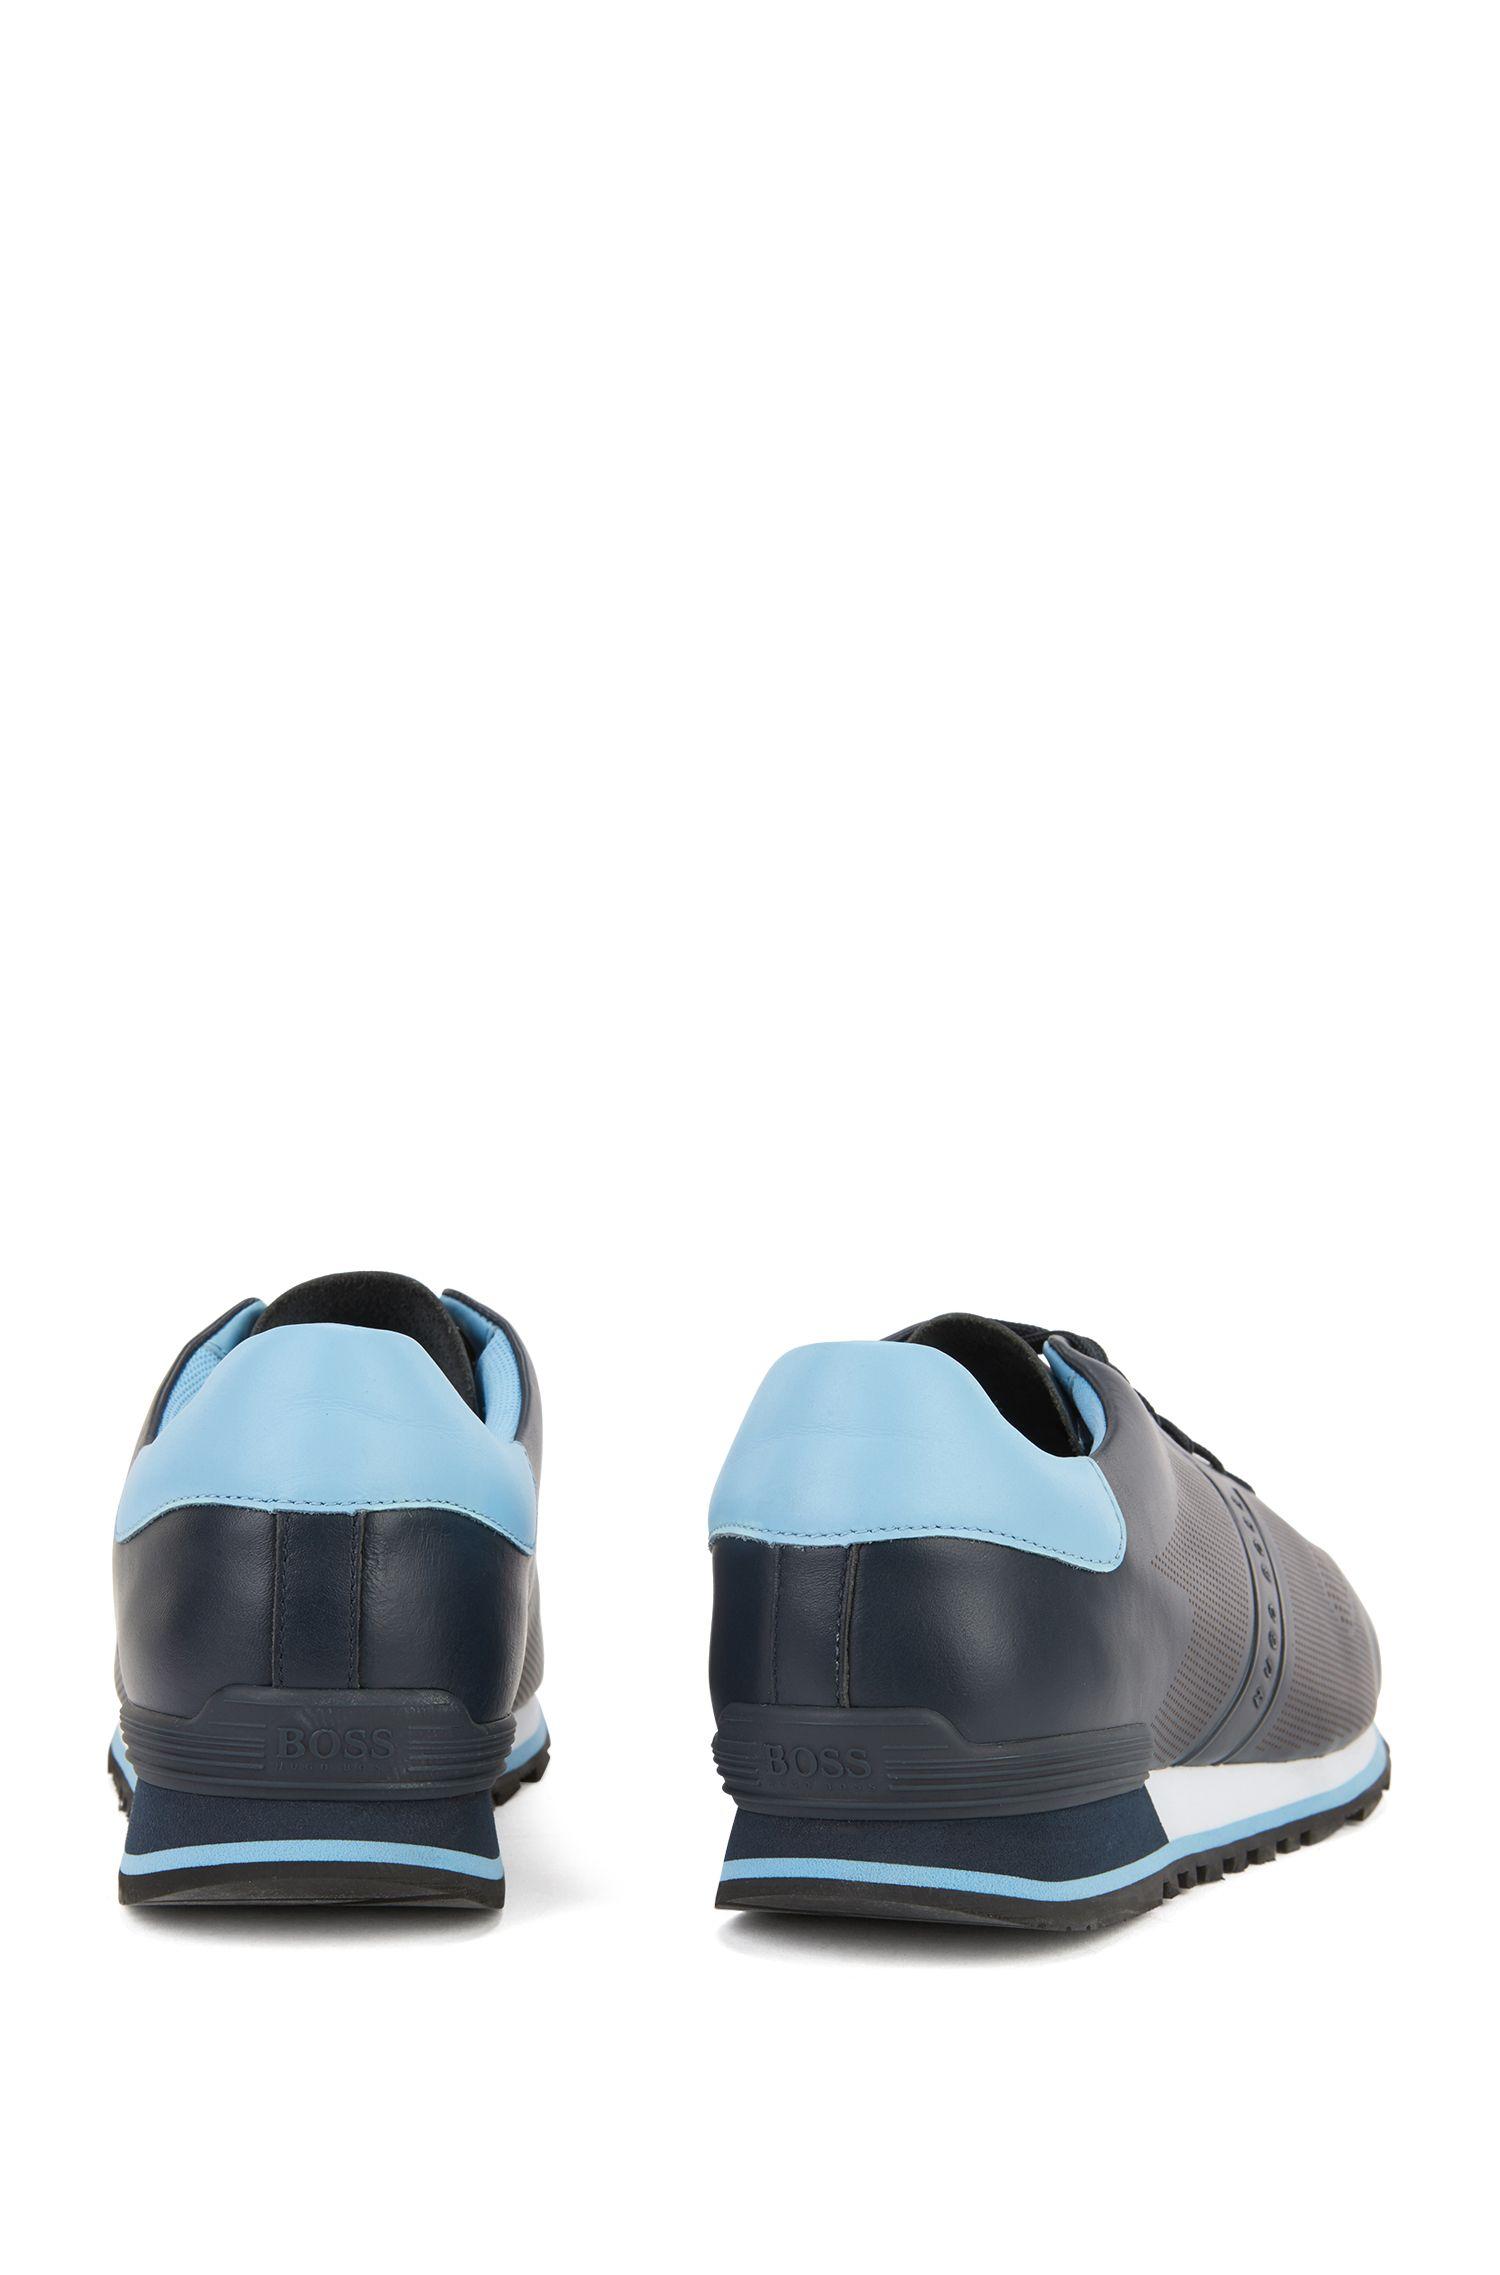 Sneakers aus Glattleder mit gelaserten Details